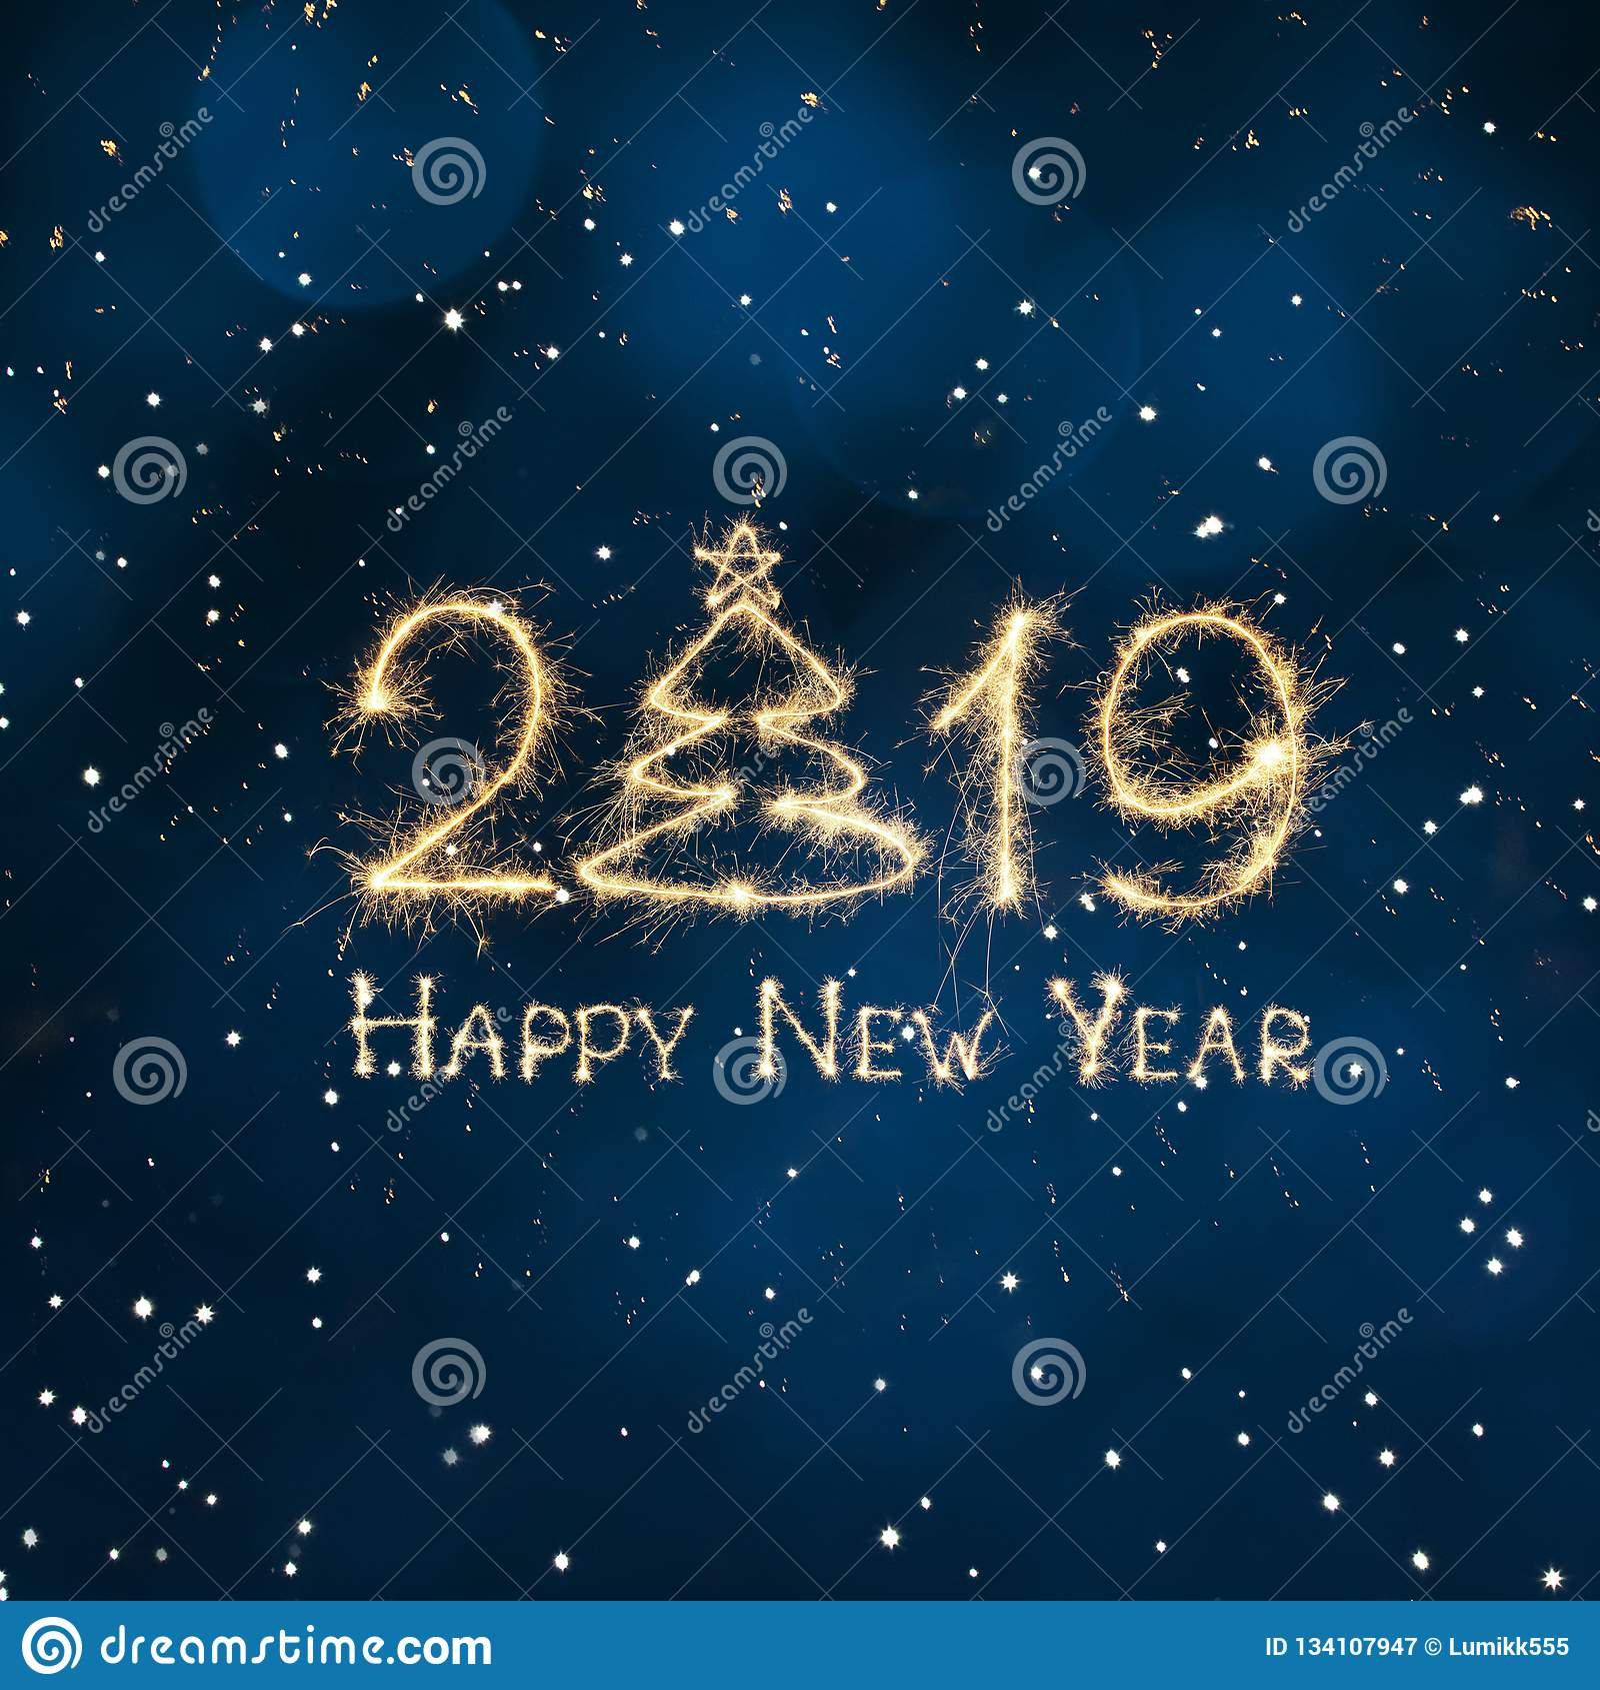 Квадратное знамя С Новым Годом! 2019 сети праздника